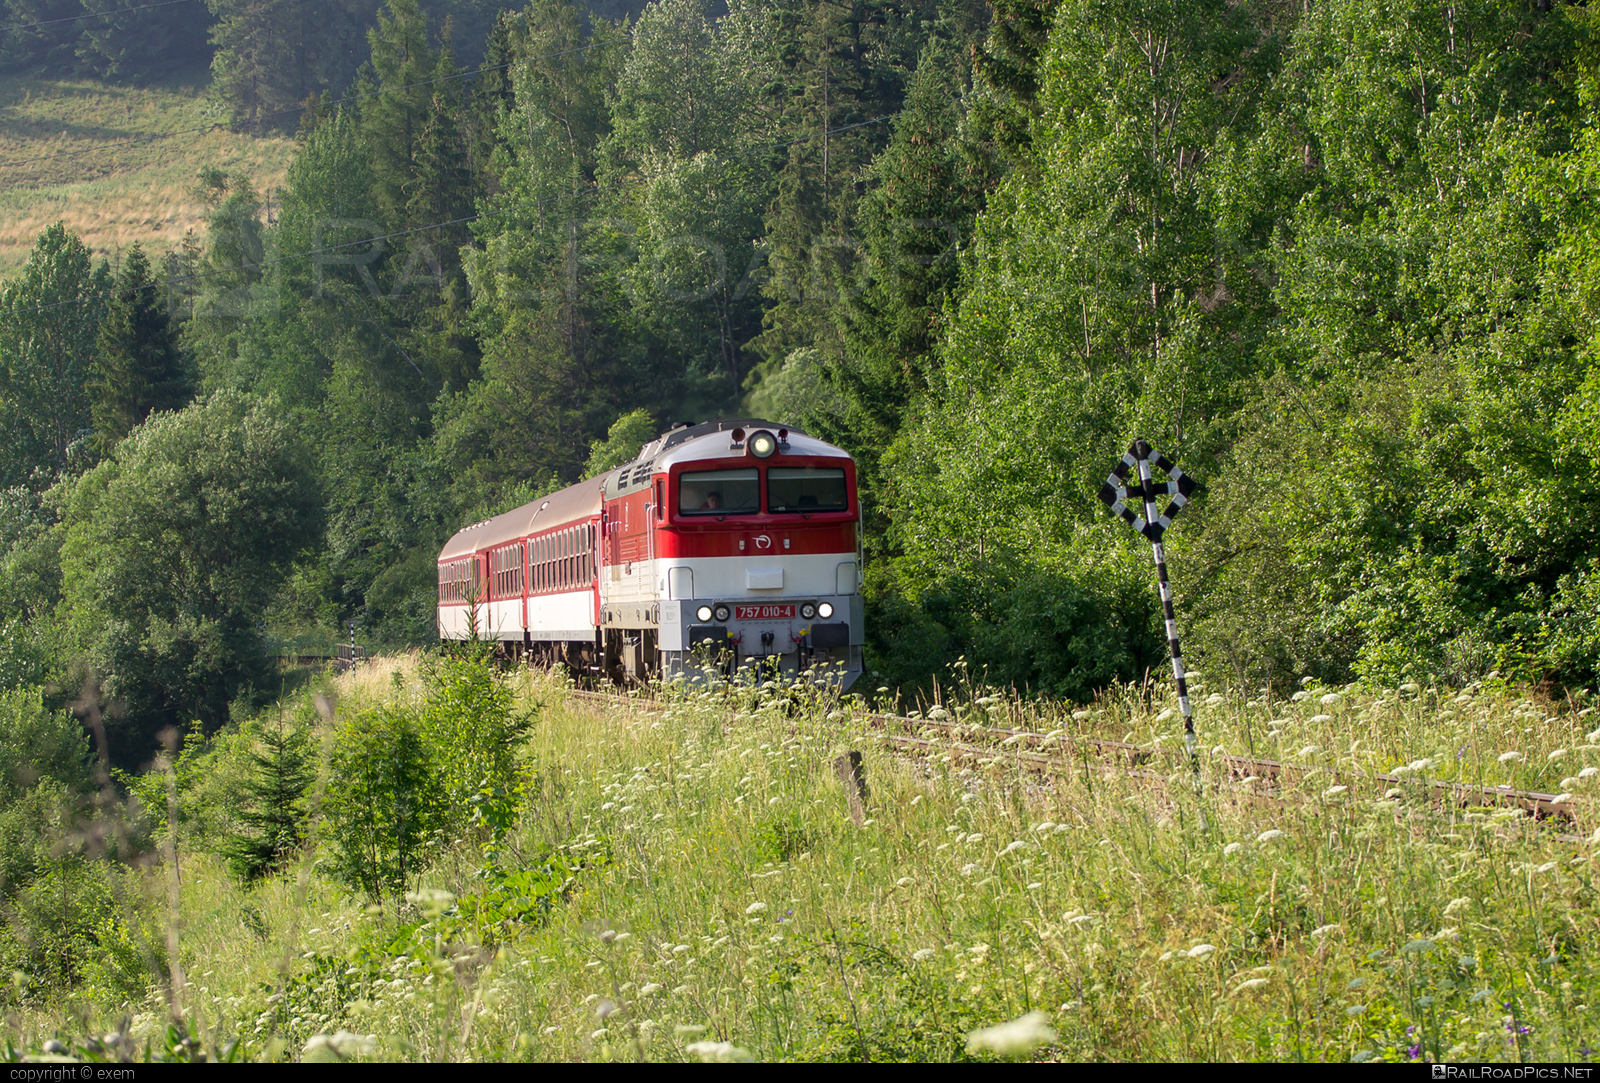 ŽOS Zvolen Class 757 - 757 010-4 operated by Železničná Spoločnost' Slovensko, a.s. #ZeleznicnaSpolocnostSlovensko #brejlovec #locomotiveclass757 #okuliarnik #zoszvolen #zssk